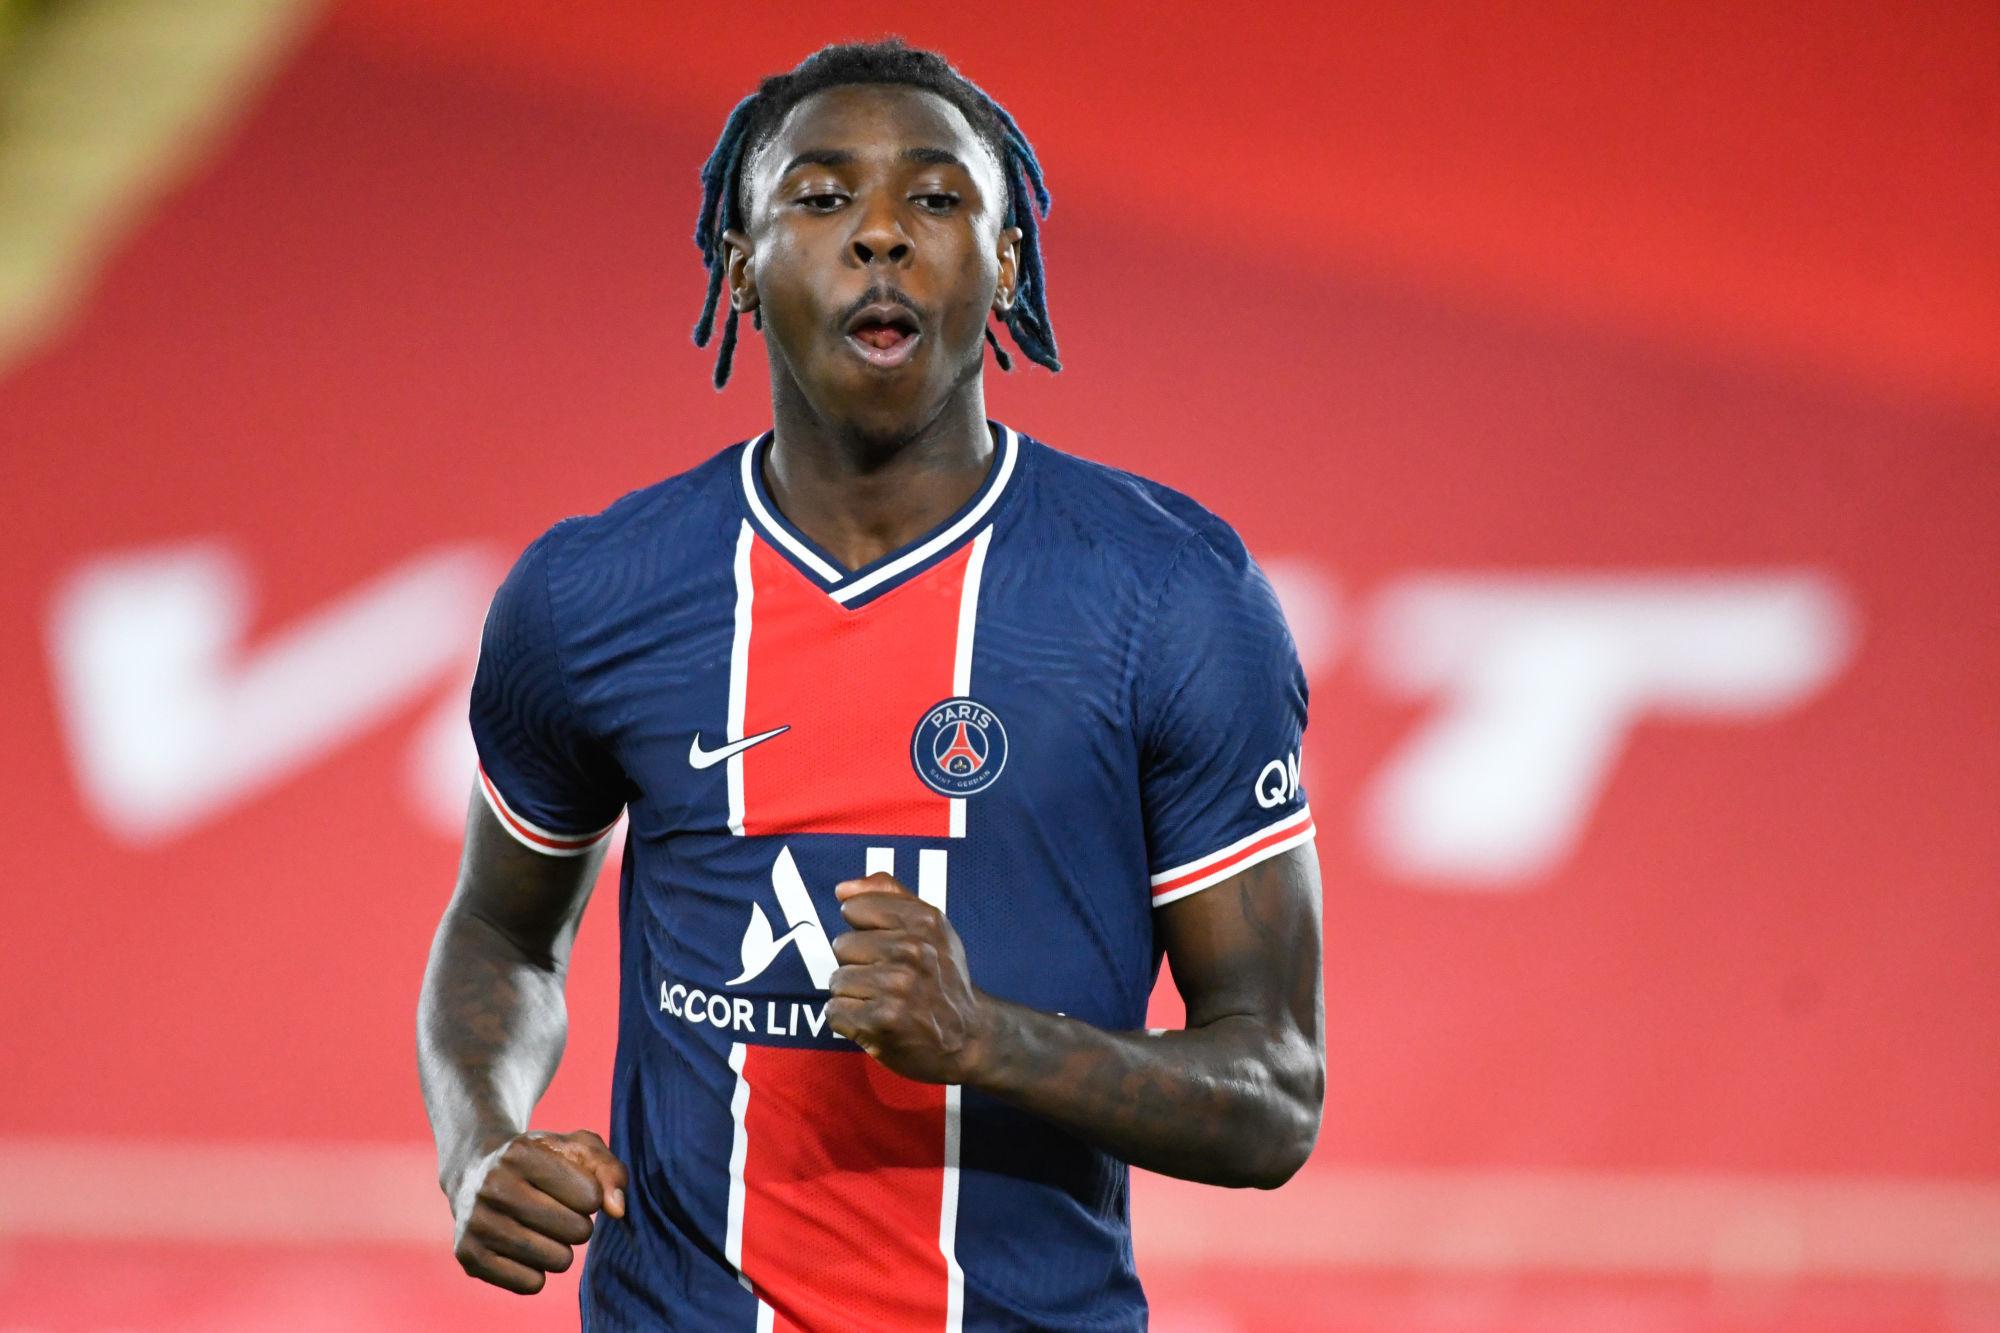 Officiel - Kean est positif coronavirus et est forfait pour Bordeaux/PSG